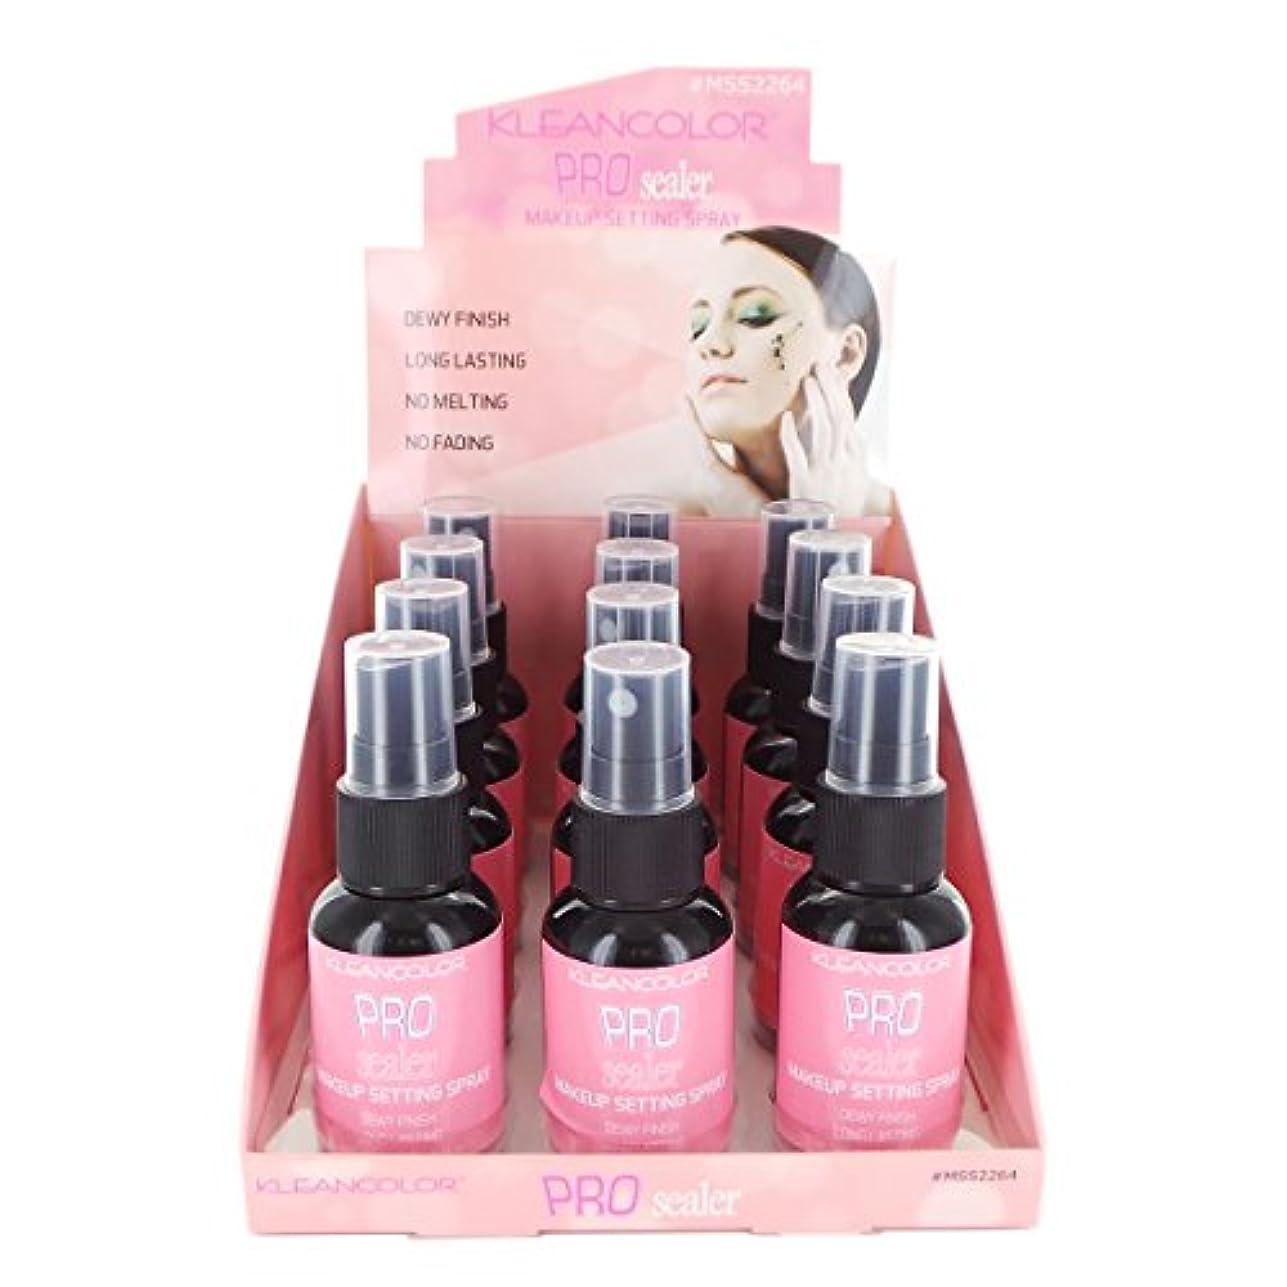 カードペニーペニーKLEANCOLOR Pro Sealer Makeup Setting Spray Display Set, 12 Pieces (並行輸入品)